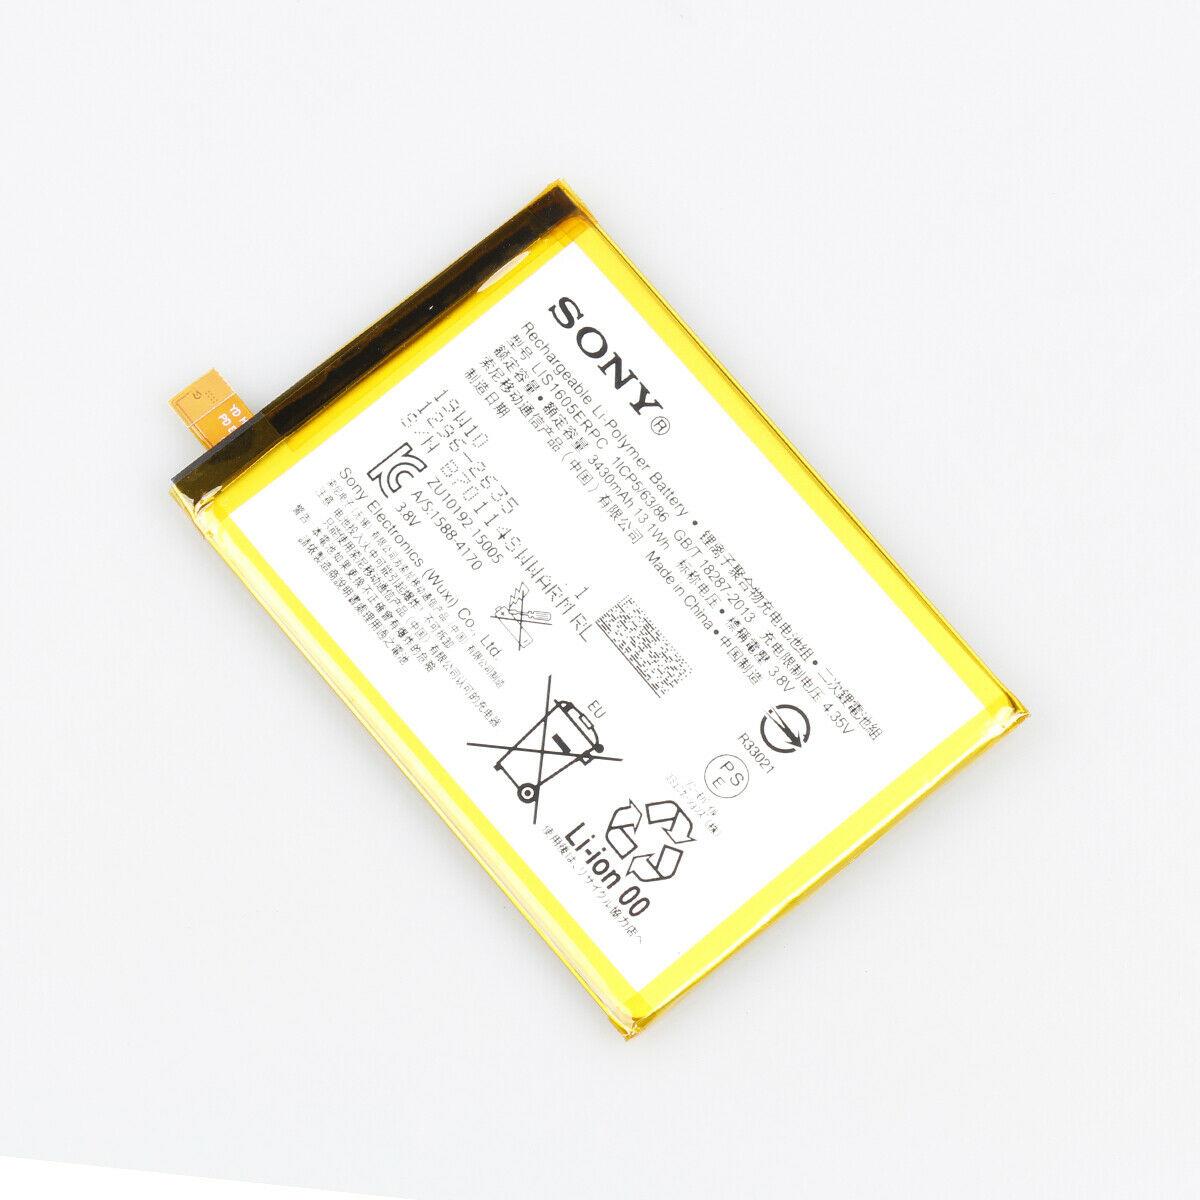 باتری-گوشی-موبایل-سونی-اکسپریا-زد-فایو-پریمیوم-Sony-Xperia-Z5-Premium-E6883-3430mAh-LIS1605ERPC...jpg